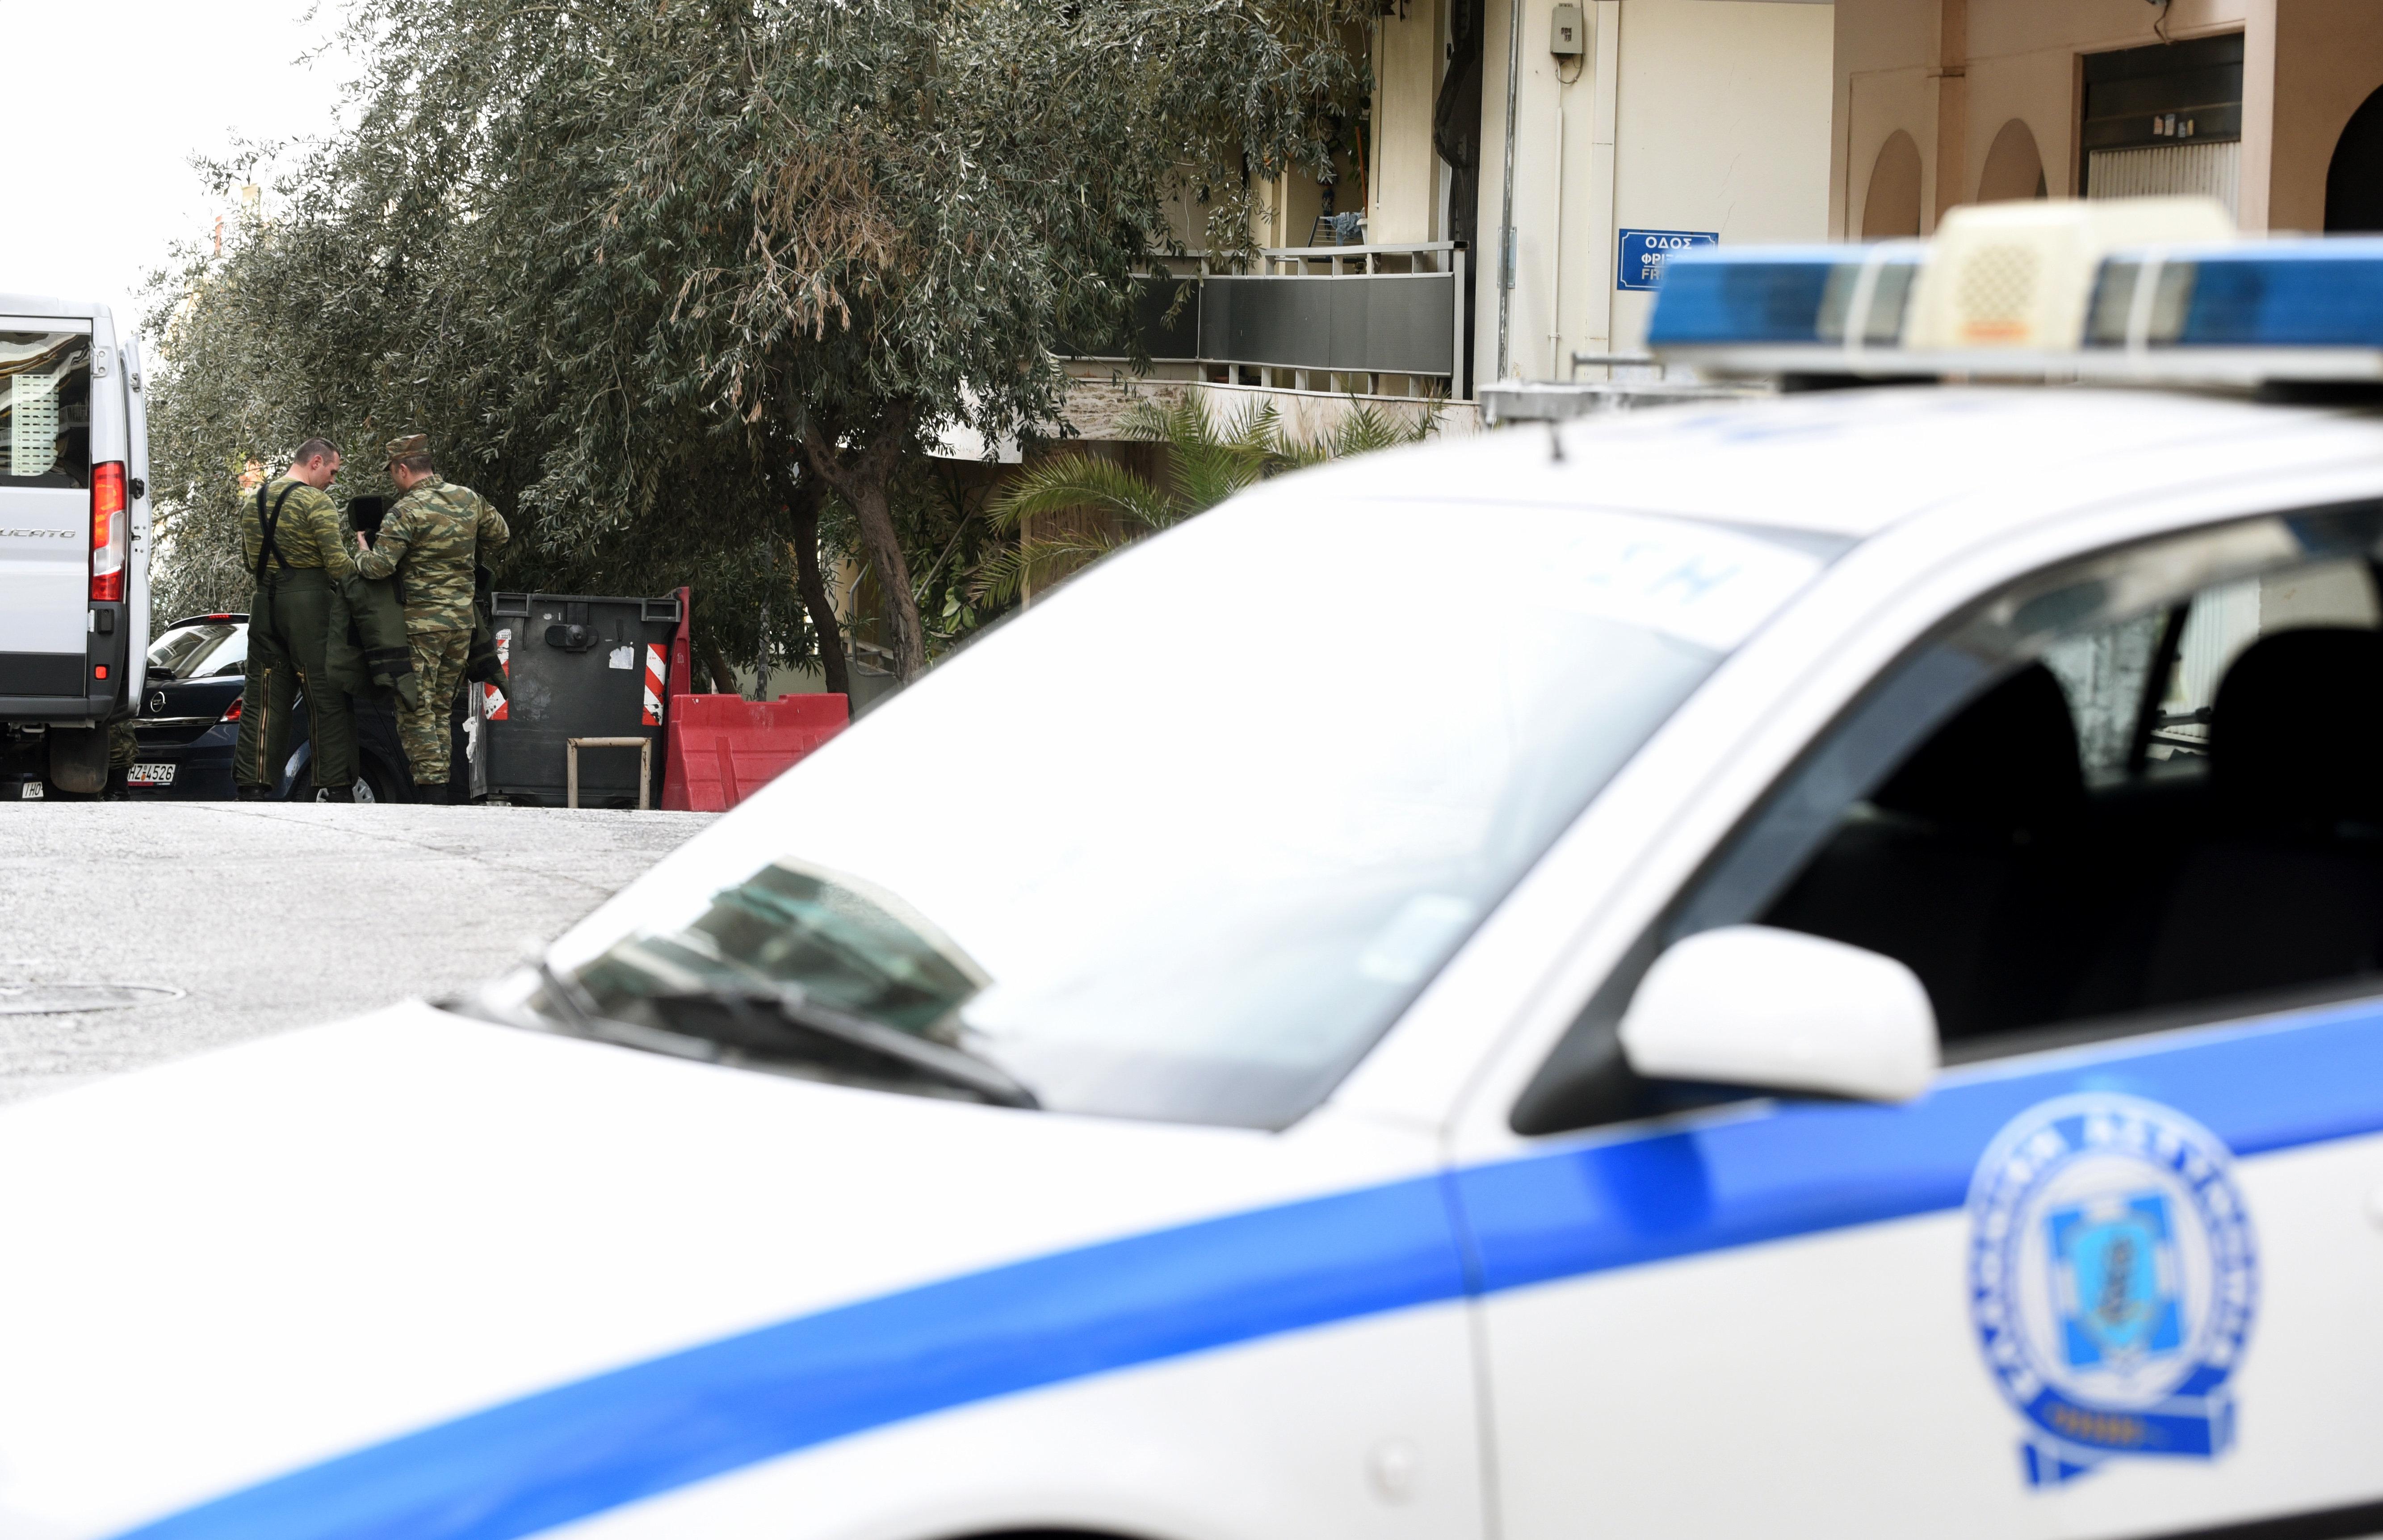 Συνελήφθη 72χρονος στη Θεσσαλονίκη που πυροβόλησε στον αέρα μετά από καβγά με τον εγγονό